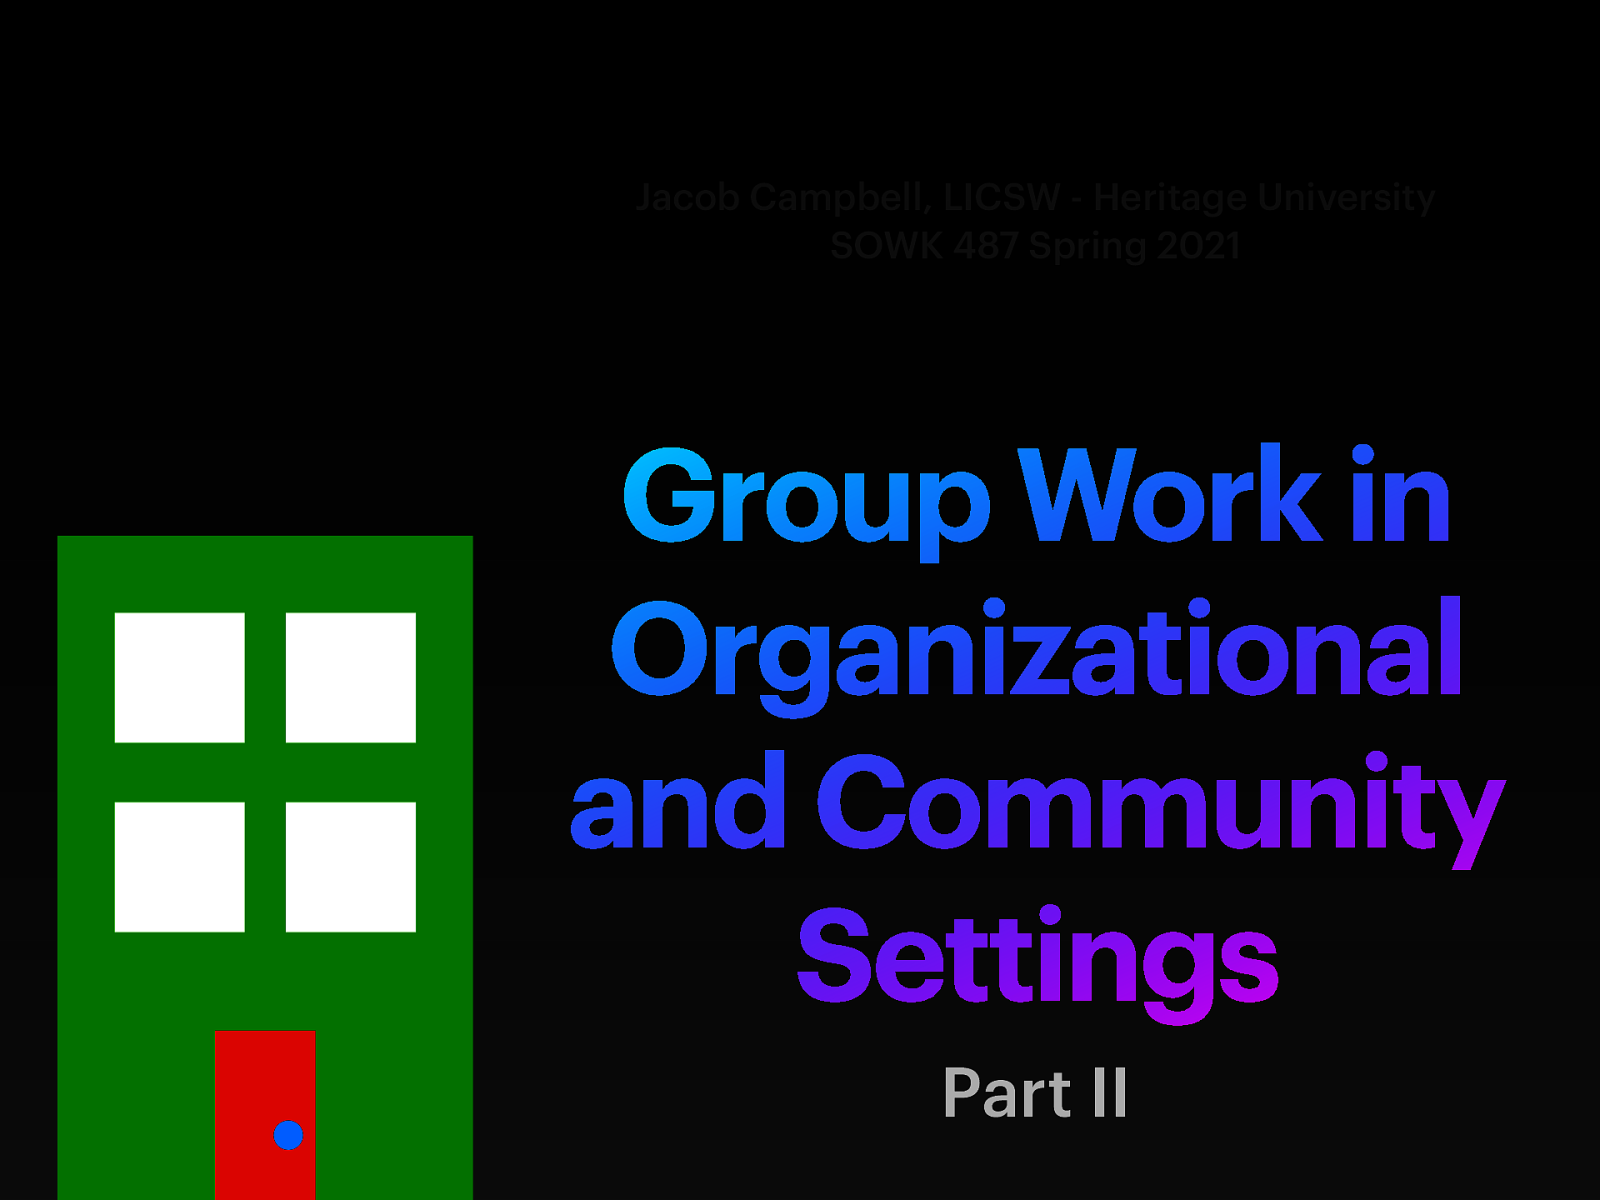 SOWK 487 Week 15 - Group Work in Organizational and Community Settings Part II